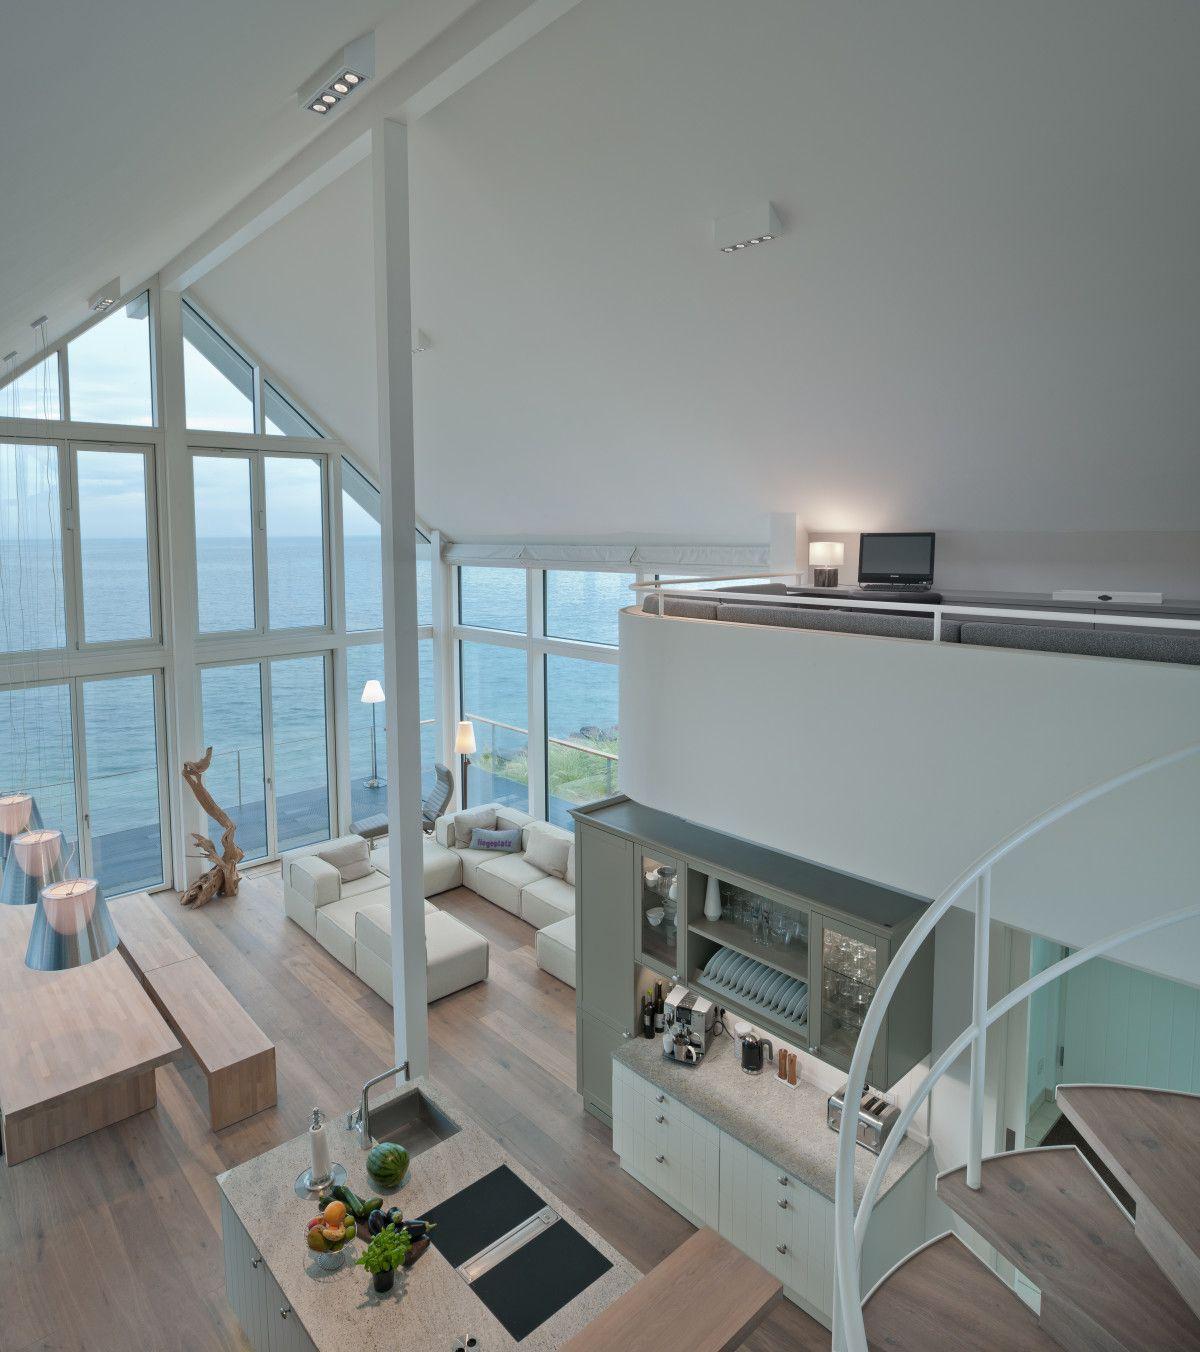 Wohnzimmer loft mit galerie innenarchitektur designhaus - Haus mit galerie im wohnzimmer ...